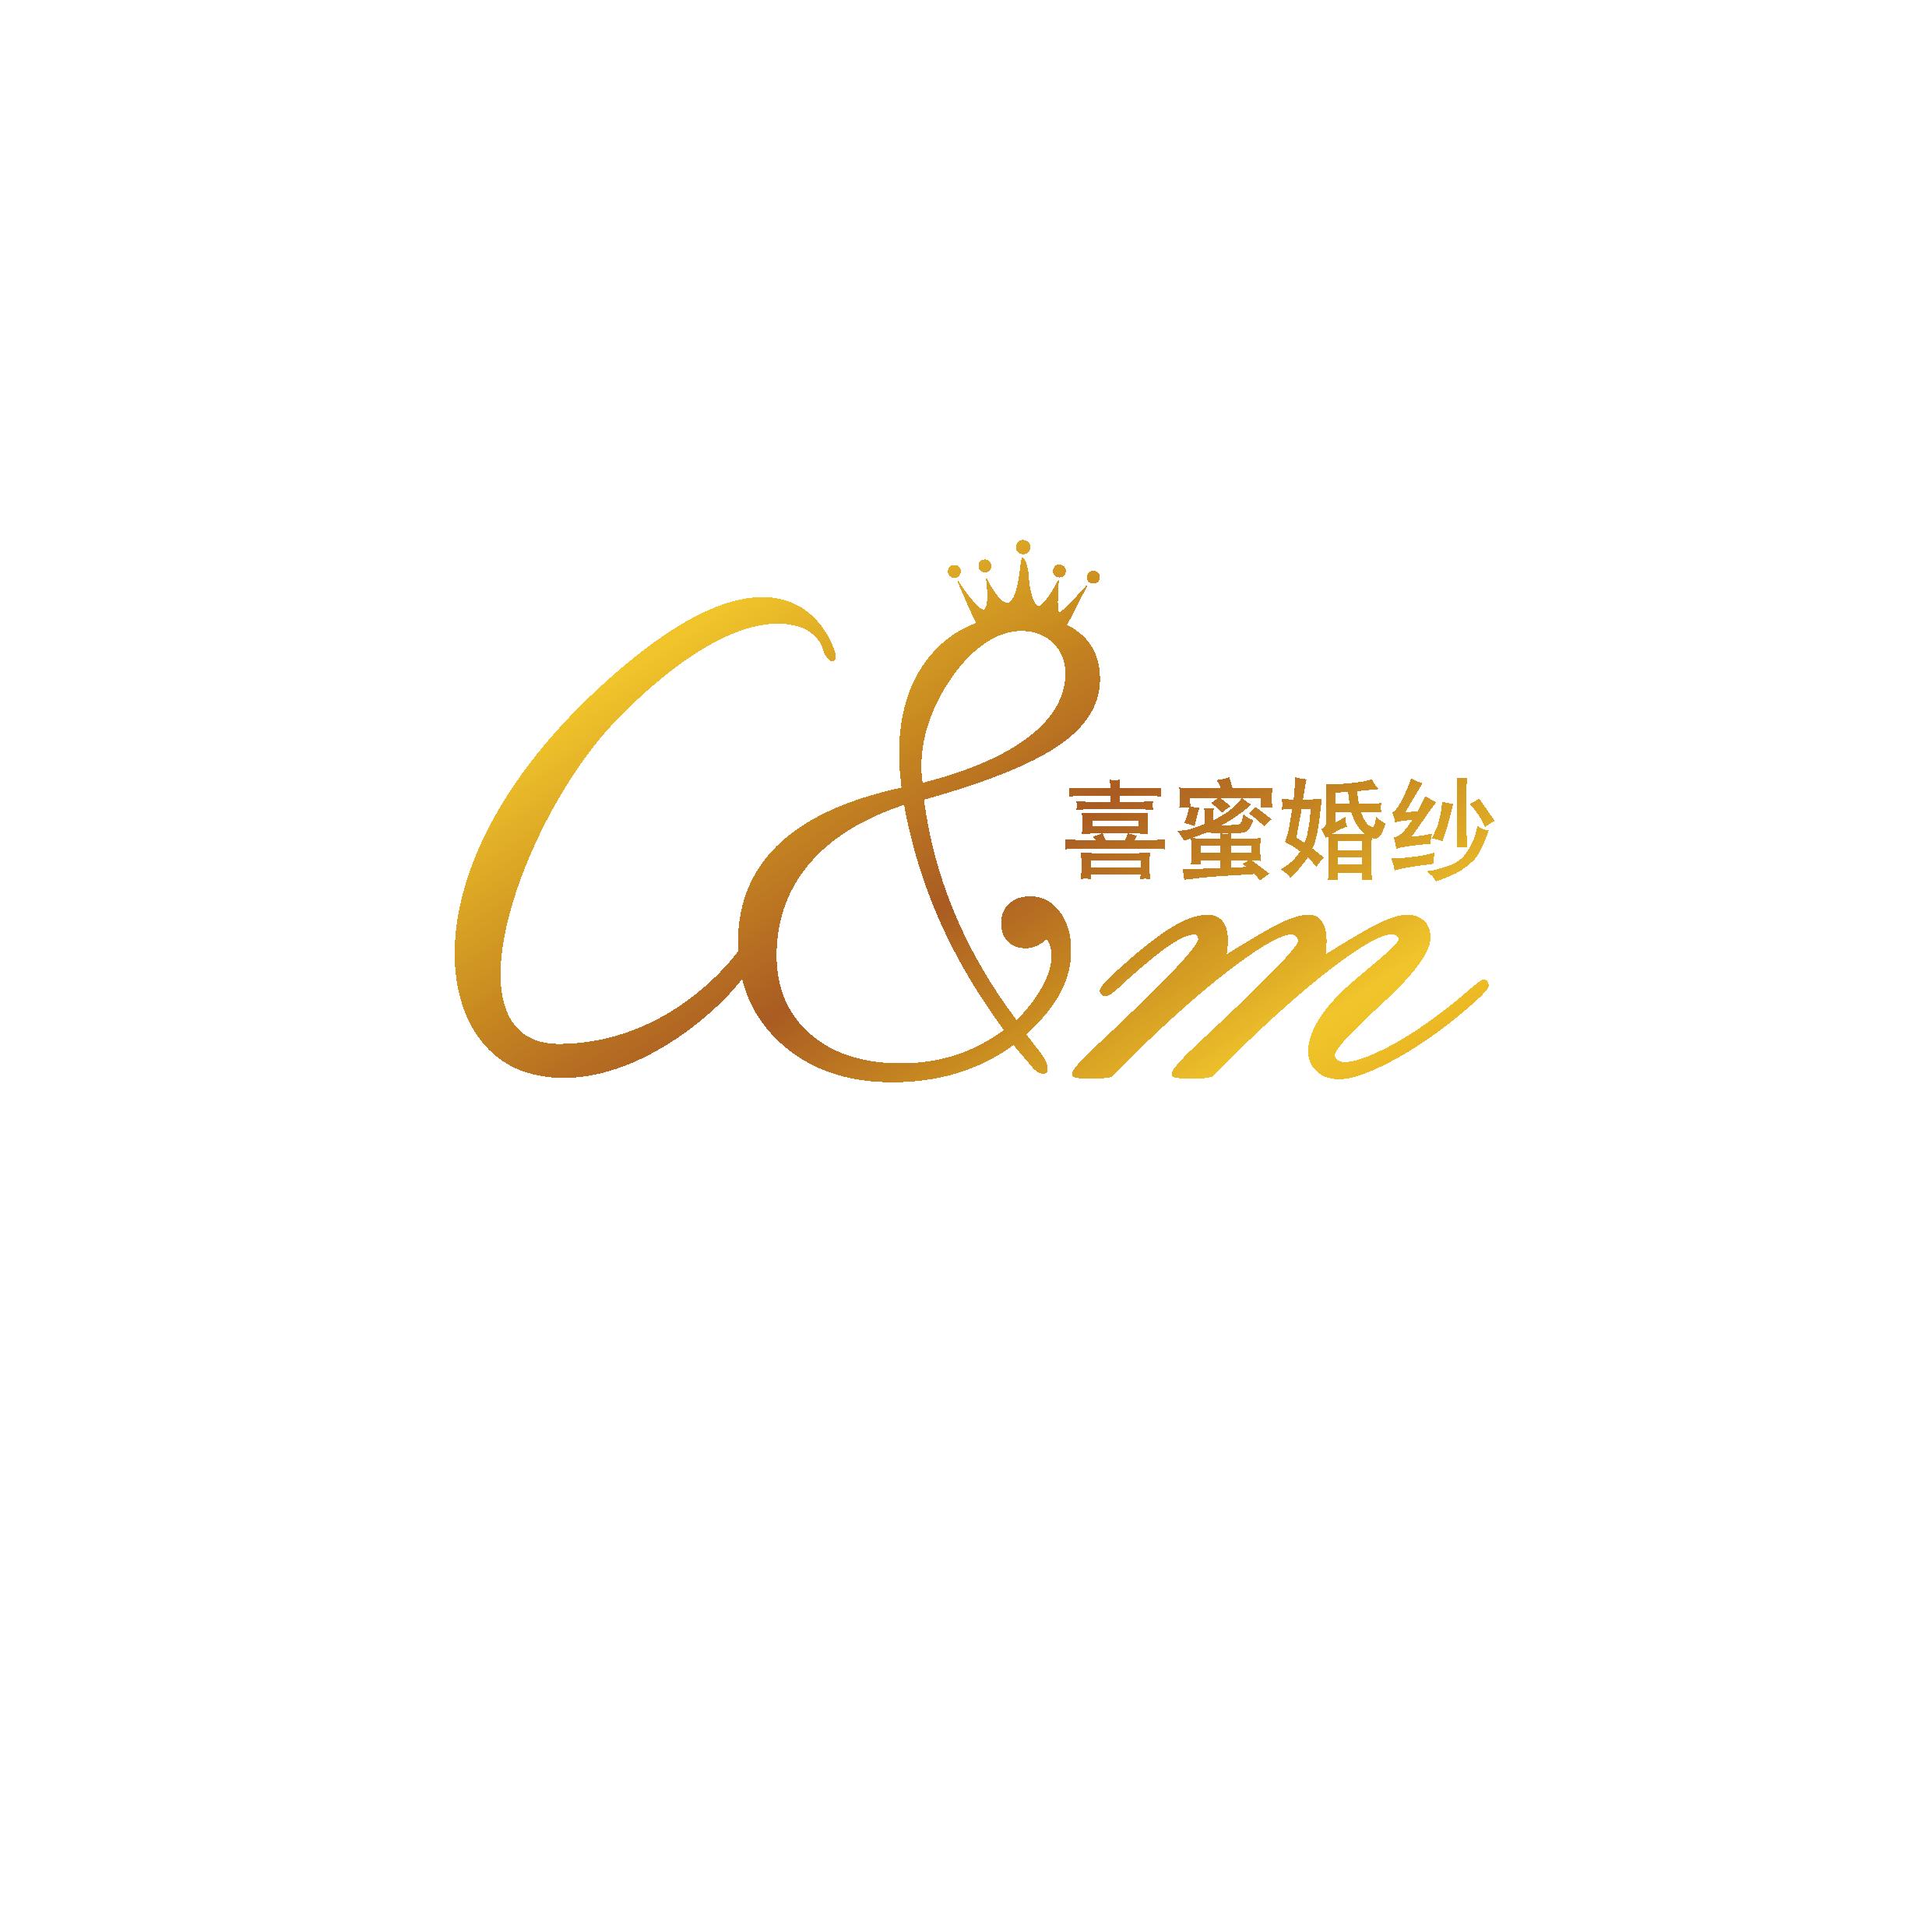 C&M喜蜜下载app送36元彩金